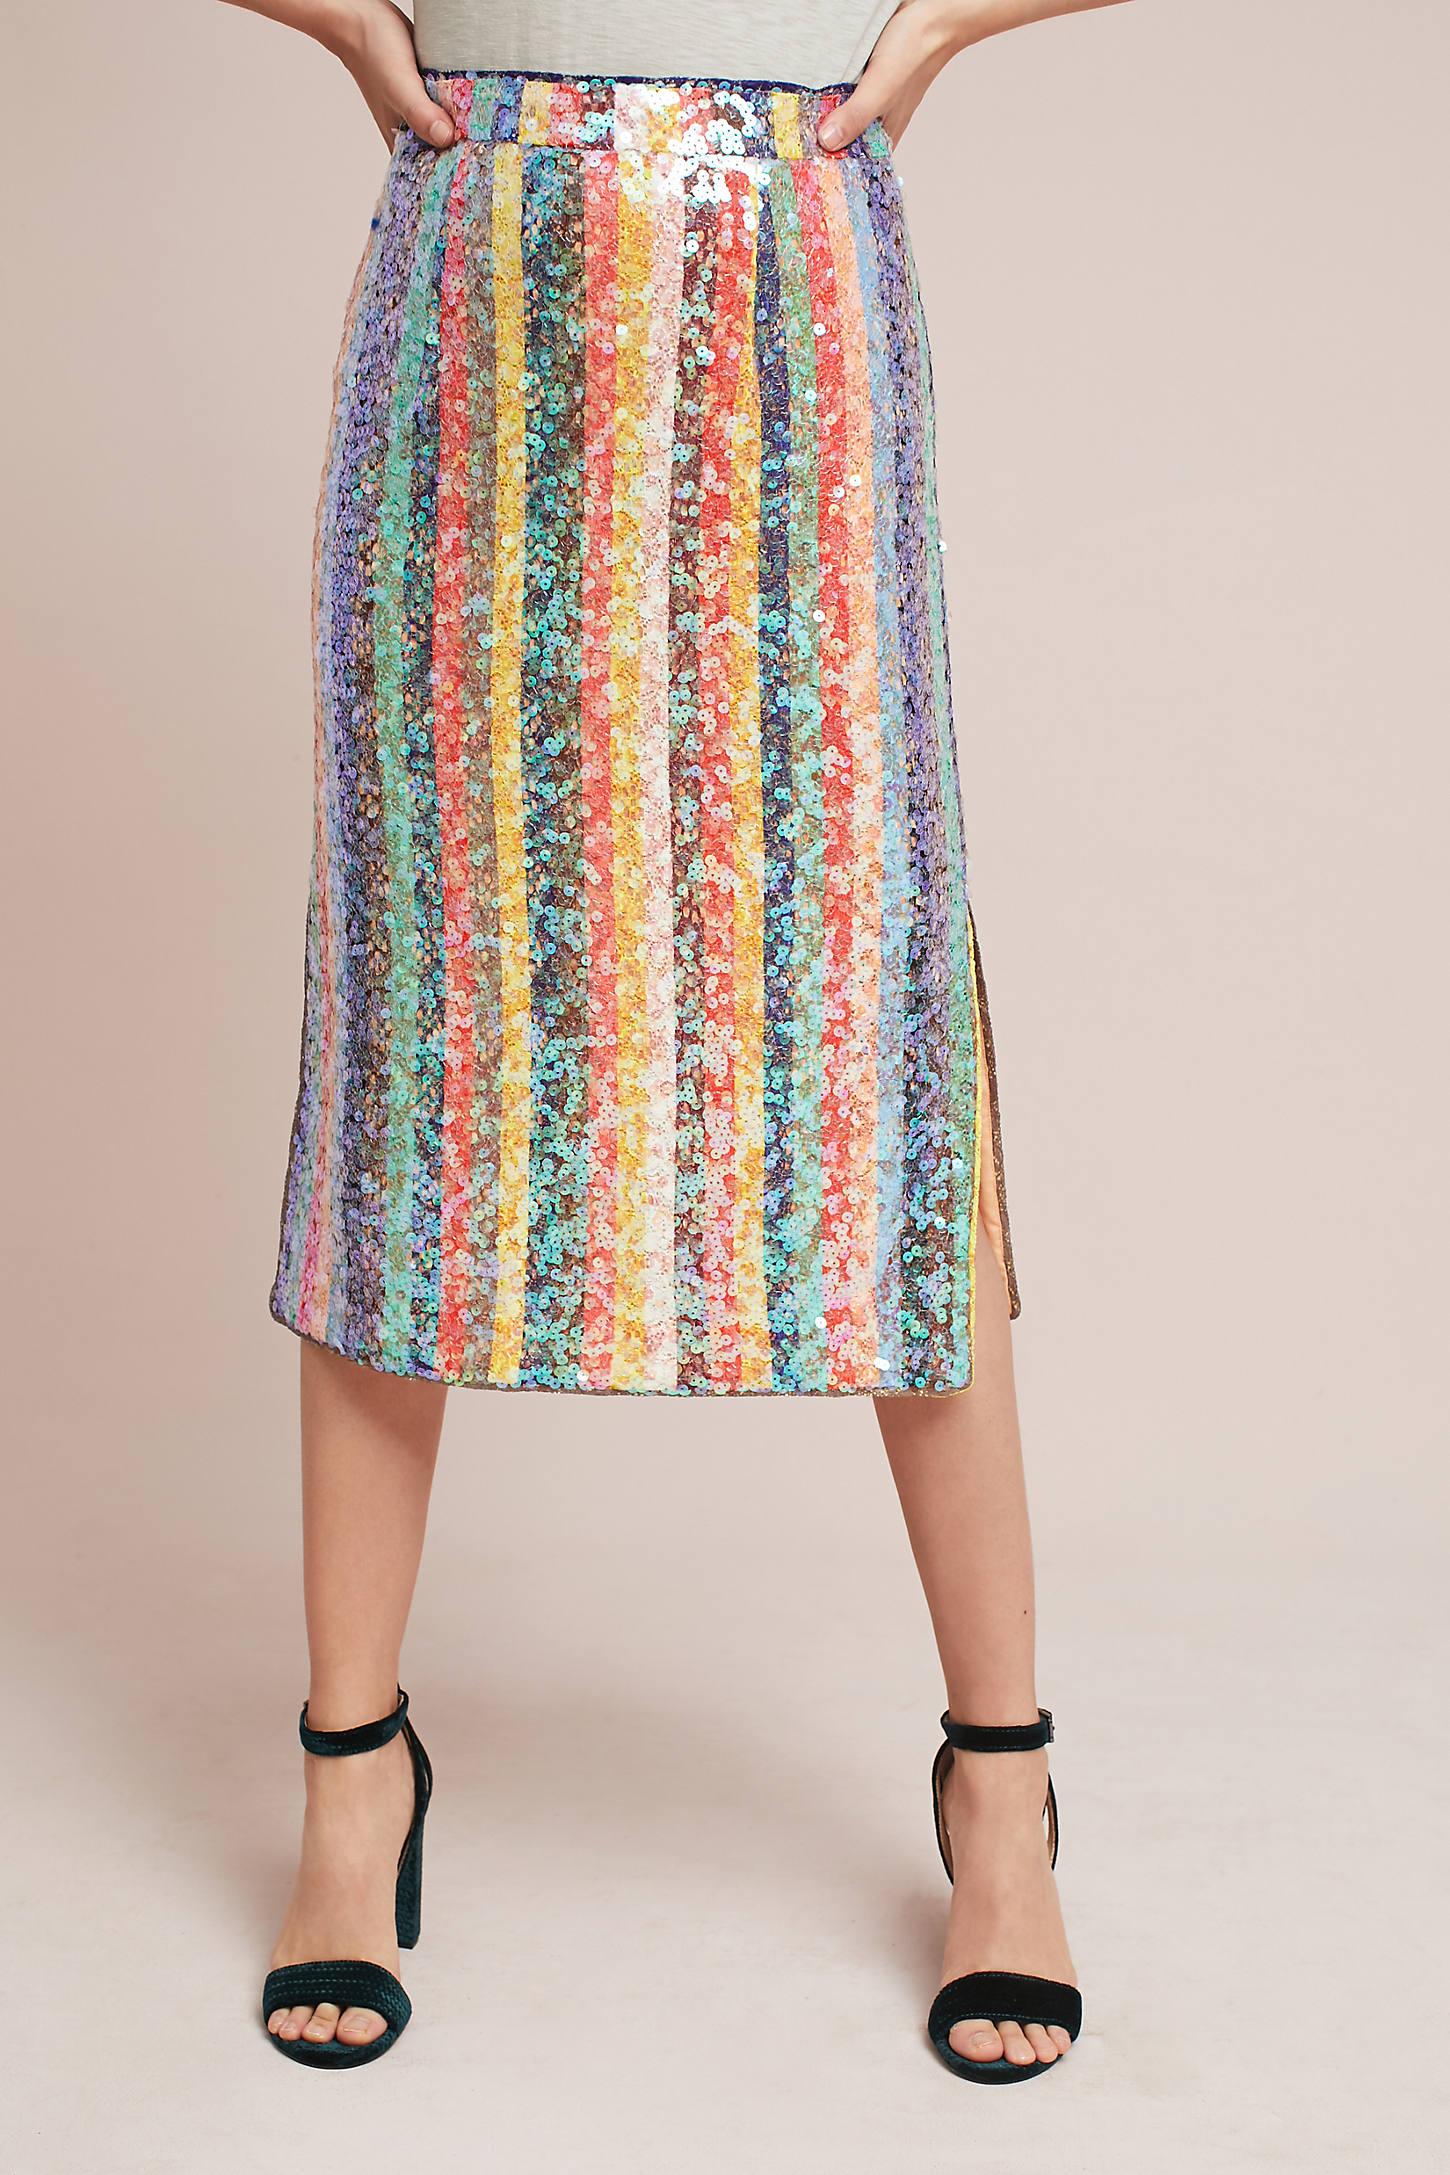 Sequined Palette Skirt